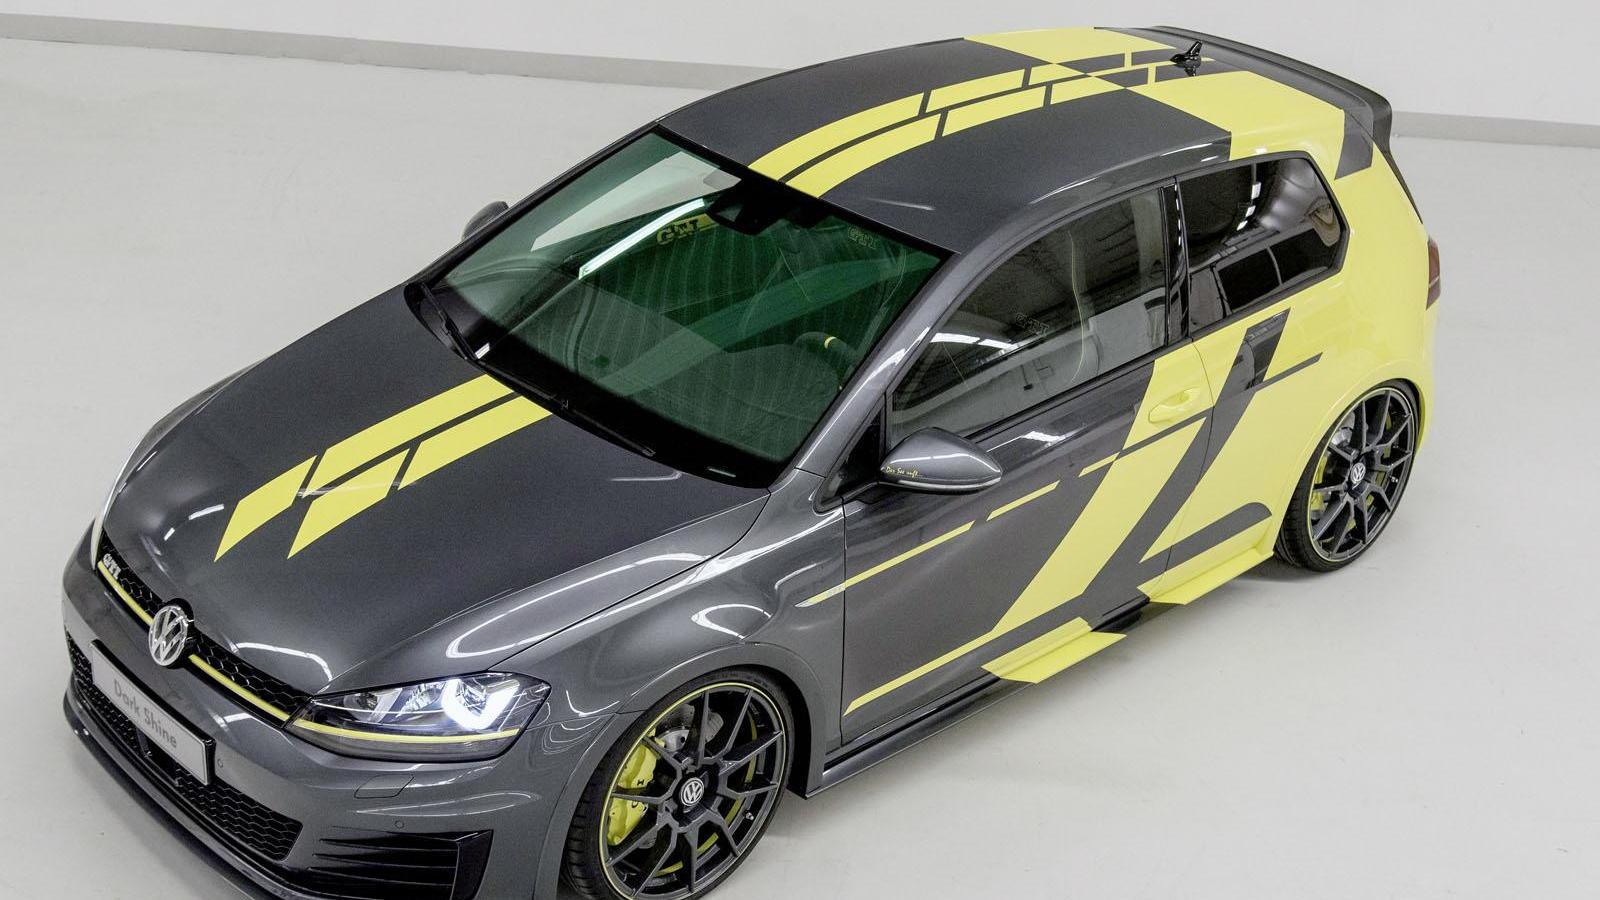 Volkswagen GTI Dark Shine concept